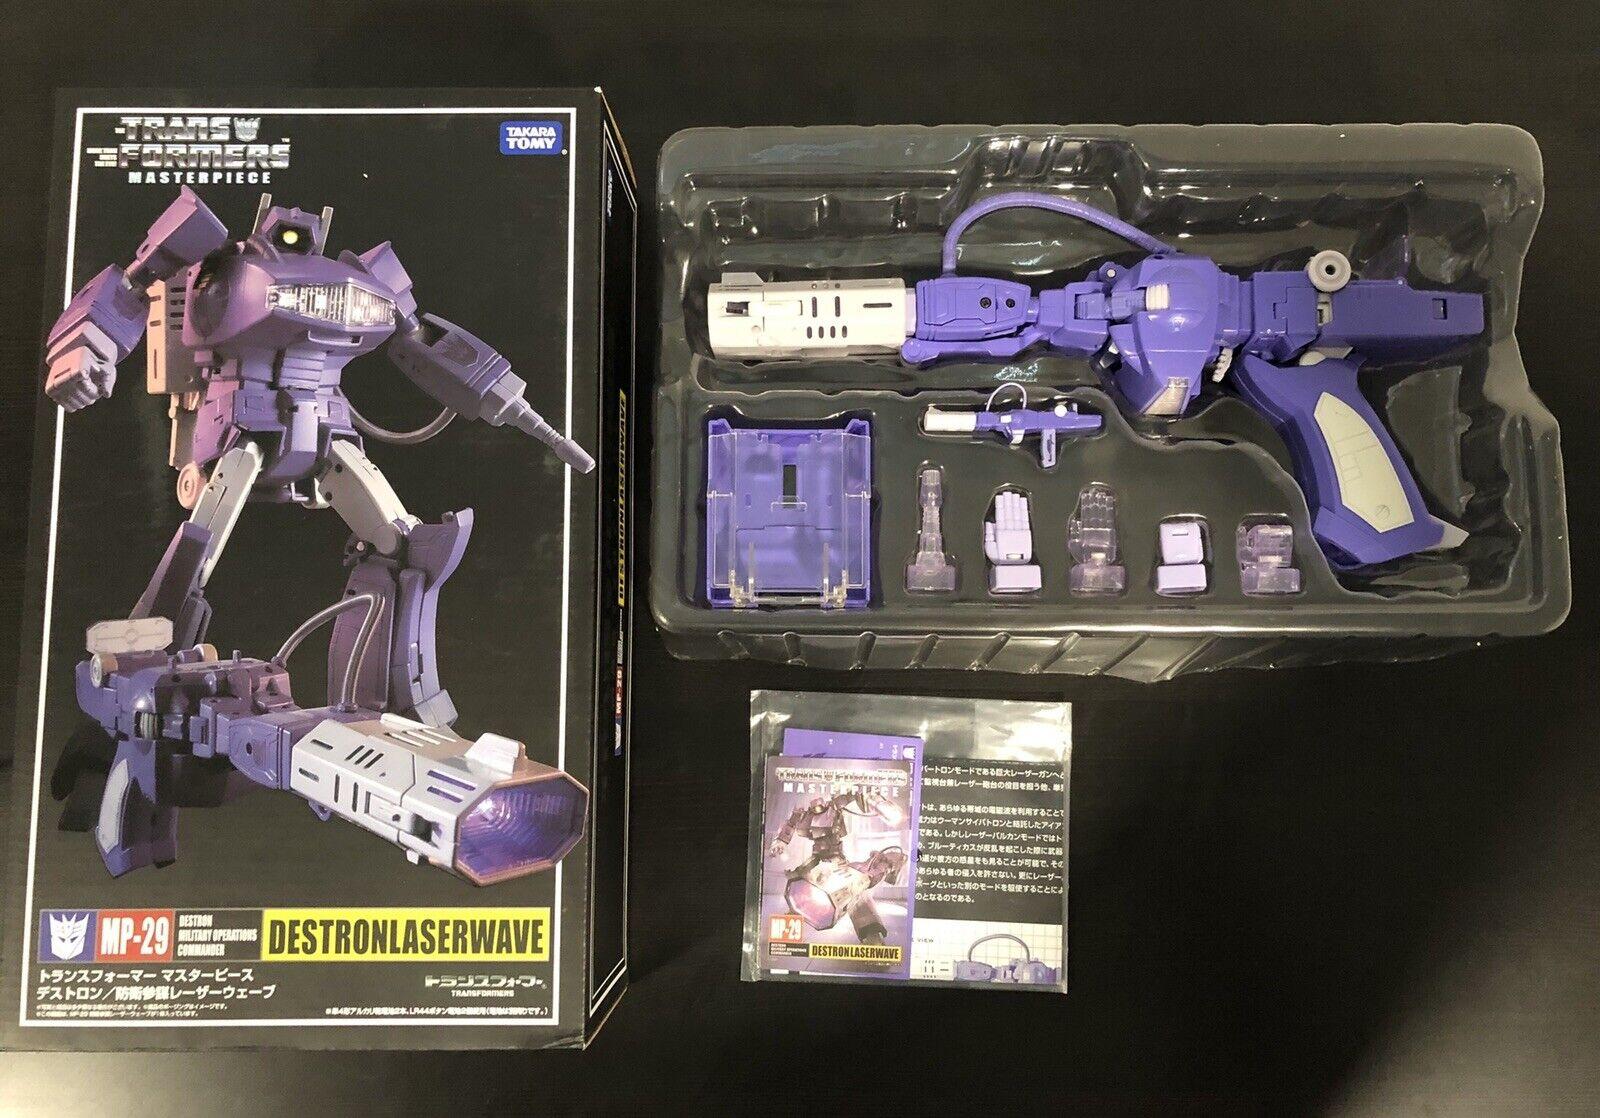 Para tu estilo de juego a los precios más baratos. Transformers Masterpiece MP-29 Shockwave Destron Laserwave Vendedor Vendedor Vendedor de Estados Unidos  venta mundialmente famosa en línea